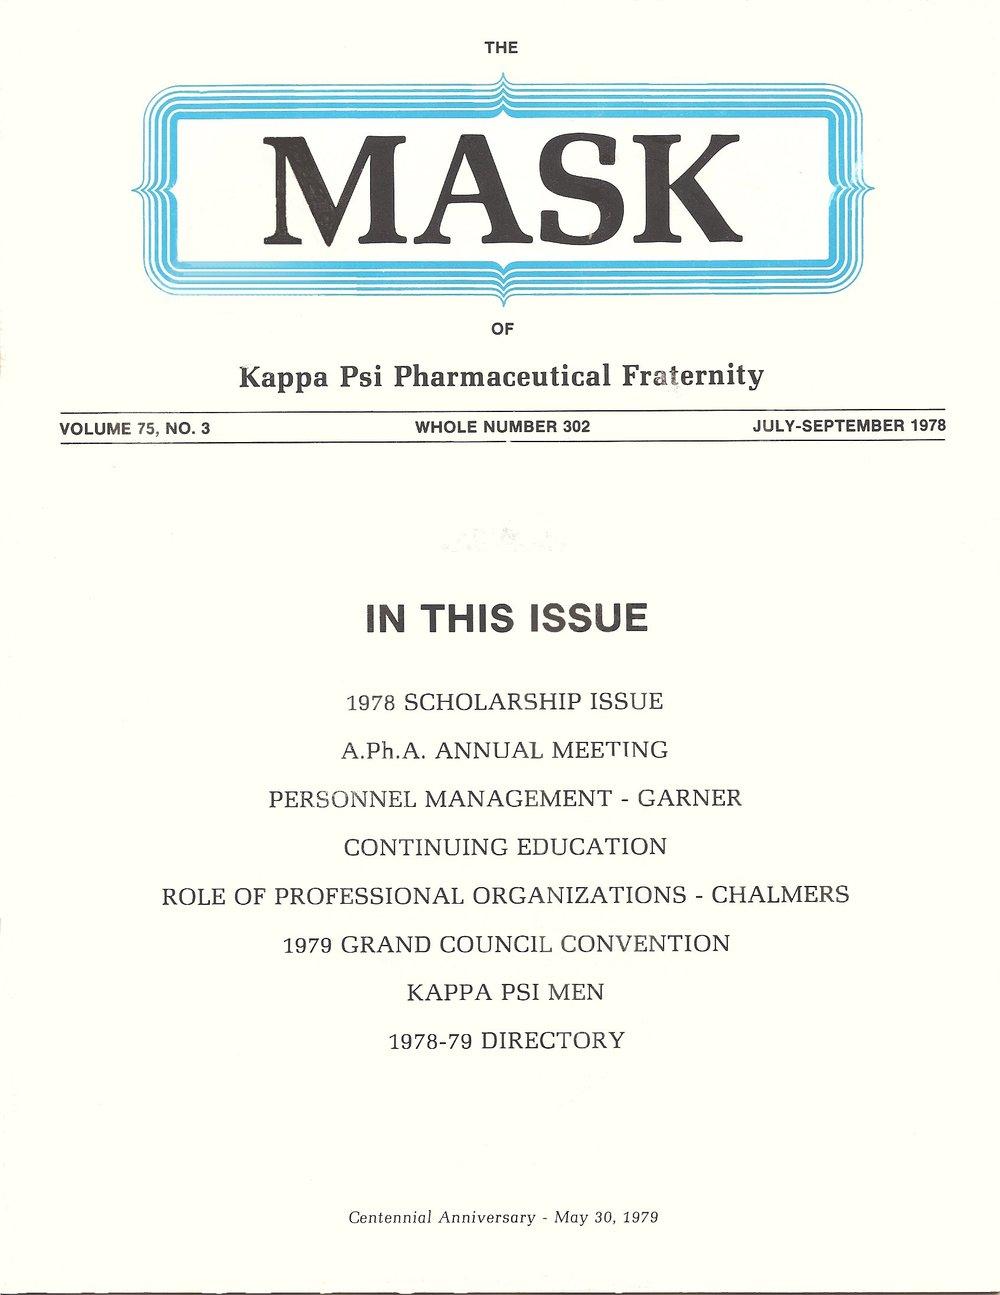 mask_cover_06_1978.jpg